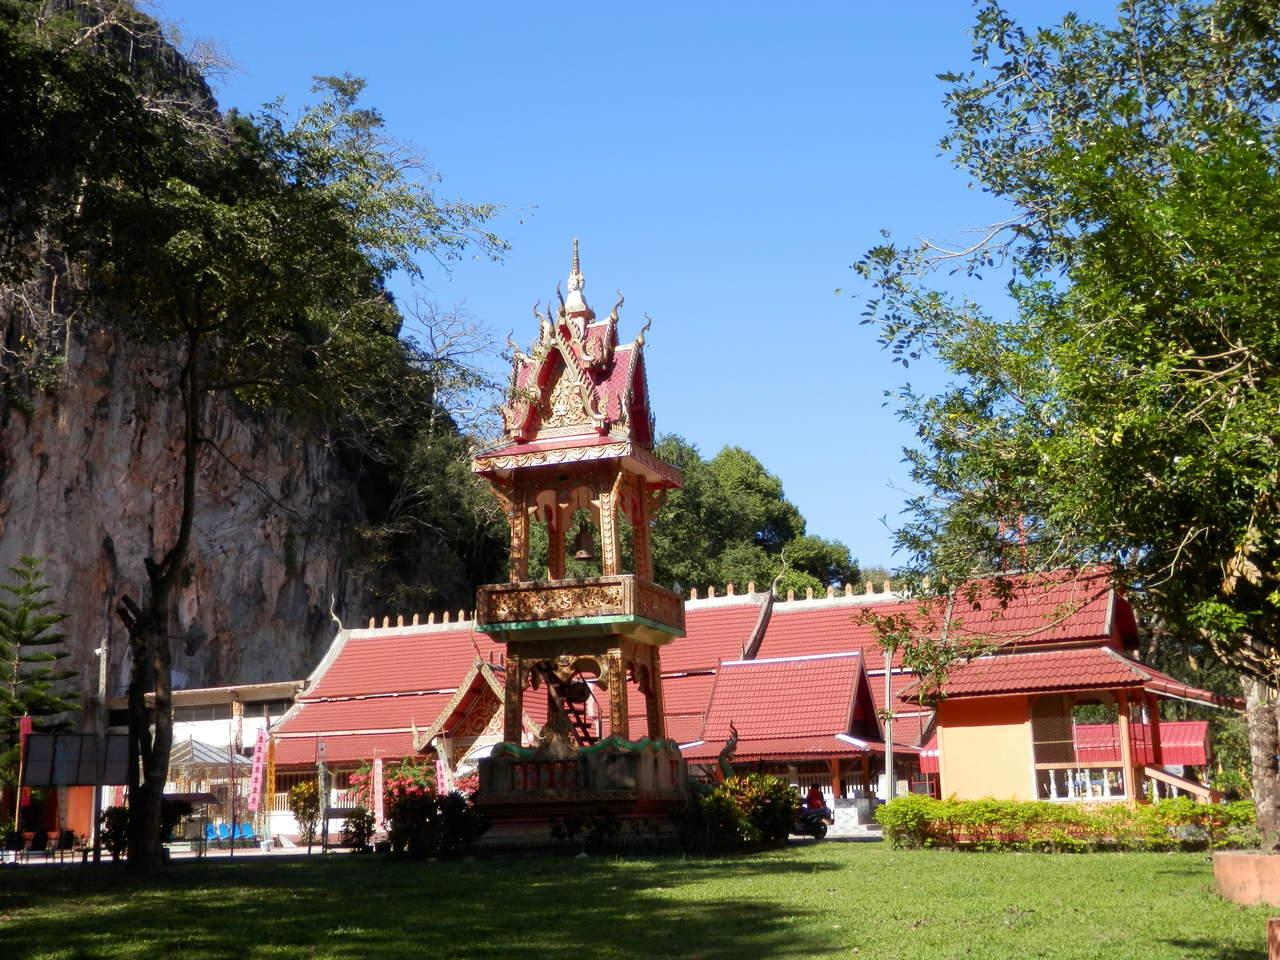 Tham Pla Chiang Rai